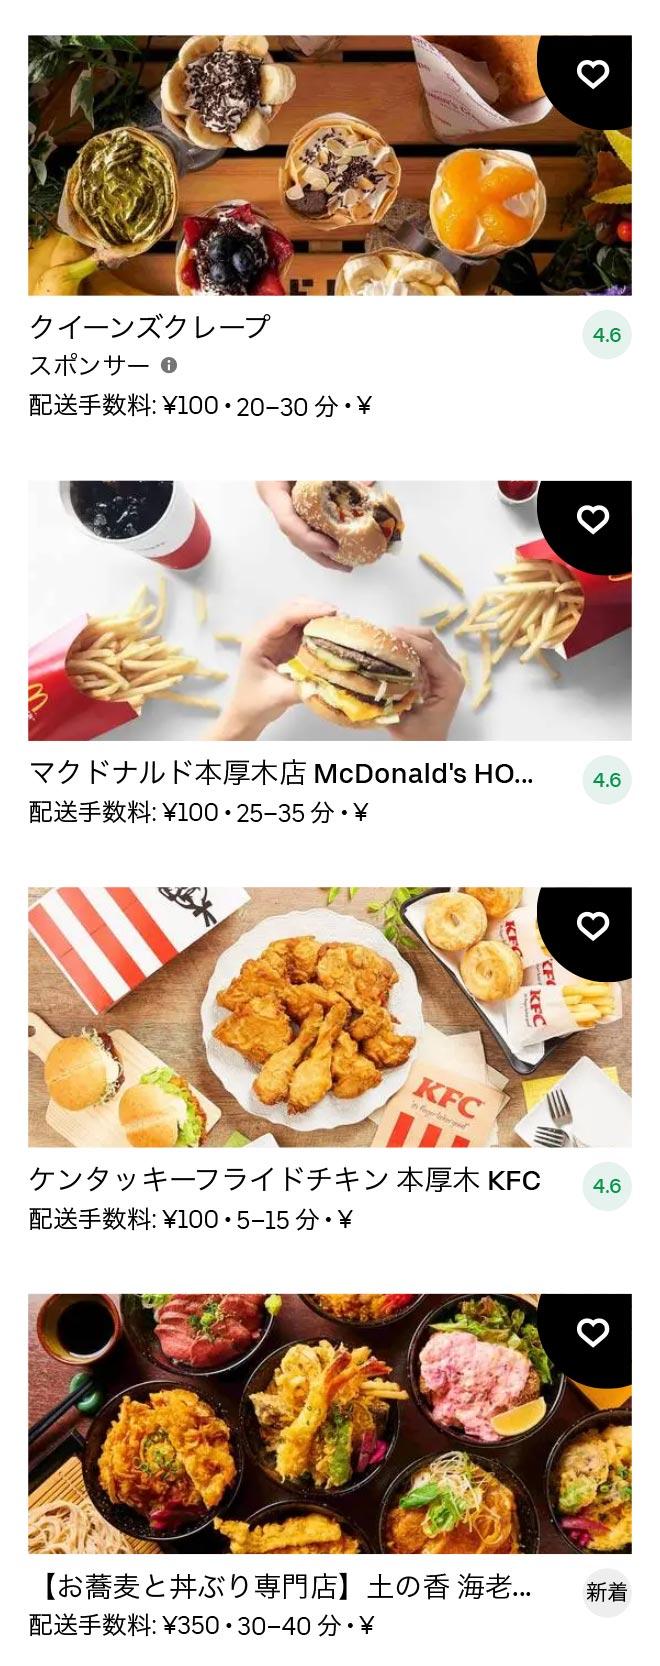 U honatsugi 2103 01